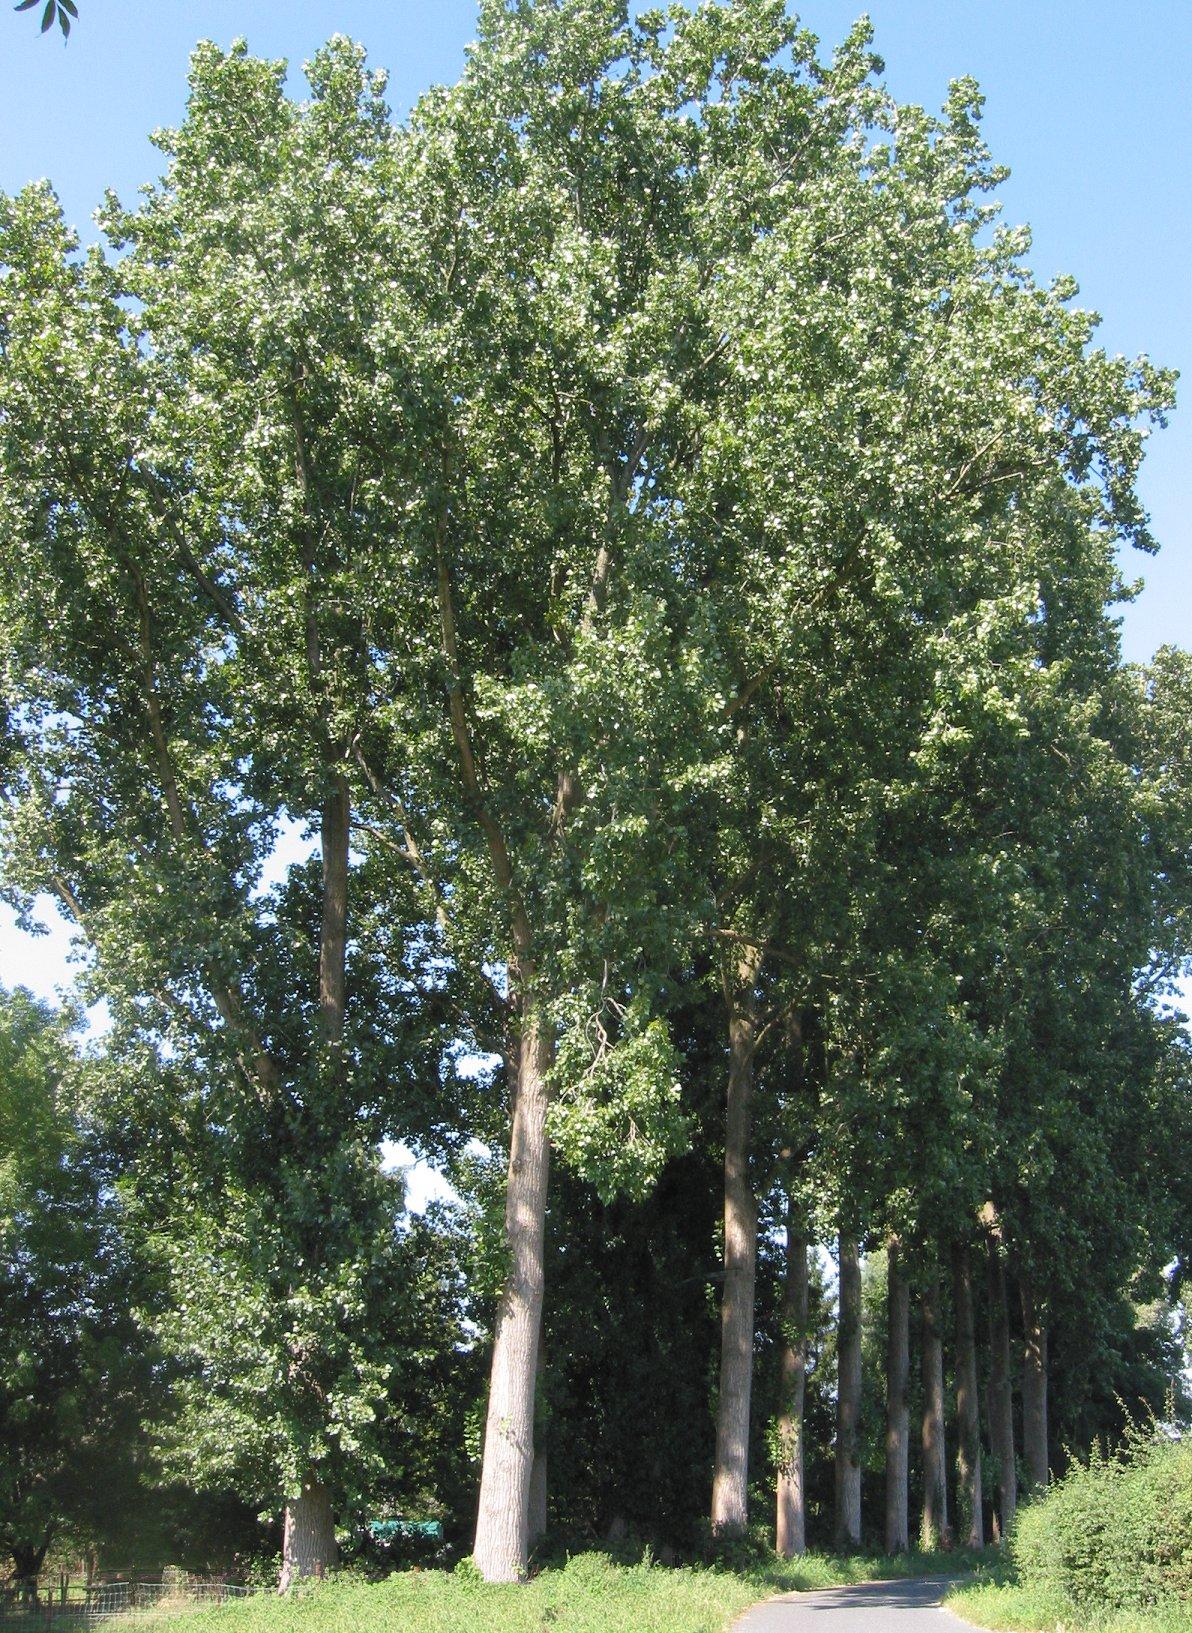 Pappeln sind die Modellpflanze der Holzforschung. Sie sind eng verwandt mit Arabidopsis und haben ein wenig komplexes Genom. (Quelle: © Rasbak/wikimedia.org; CC BY-SA 3.0).